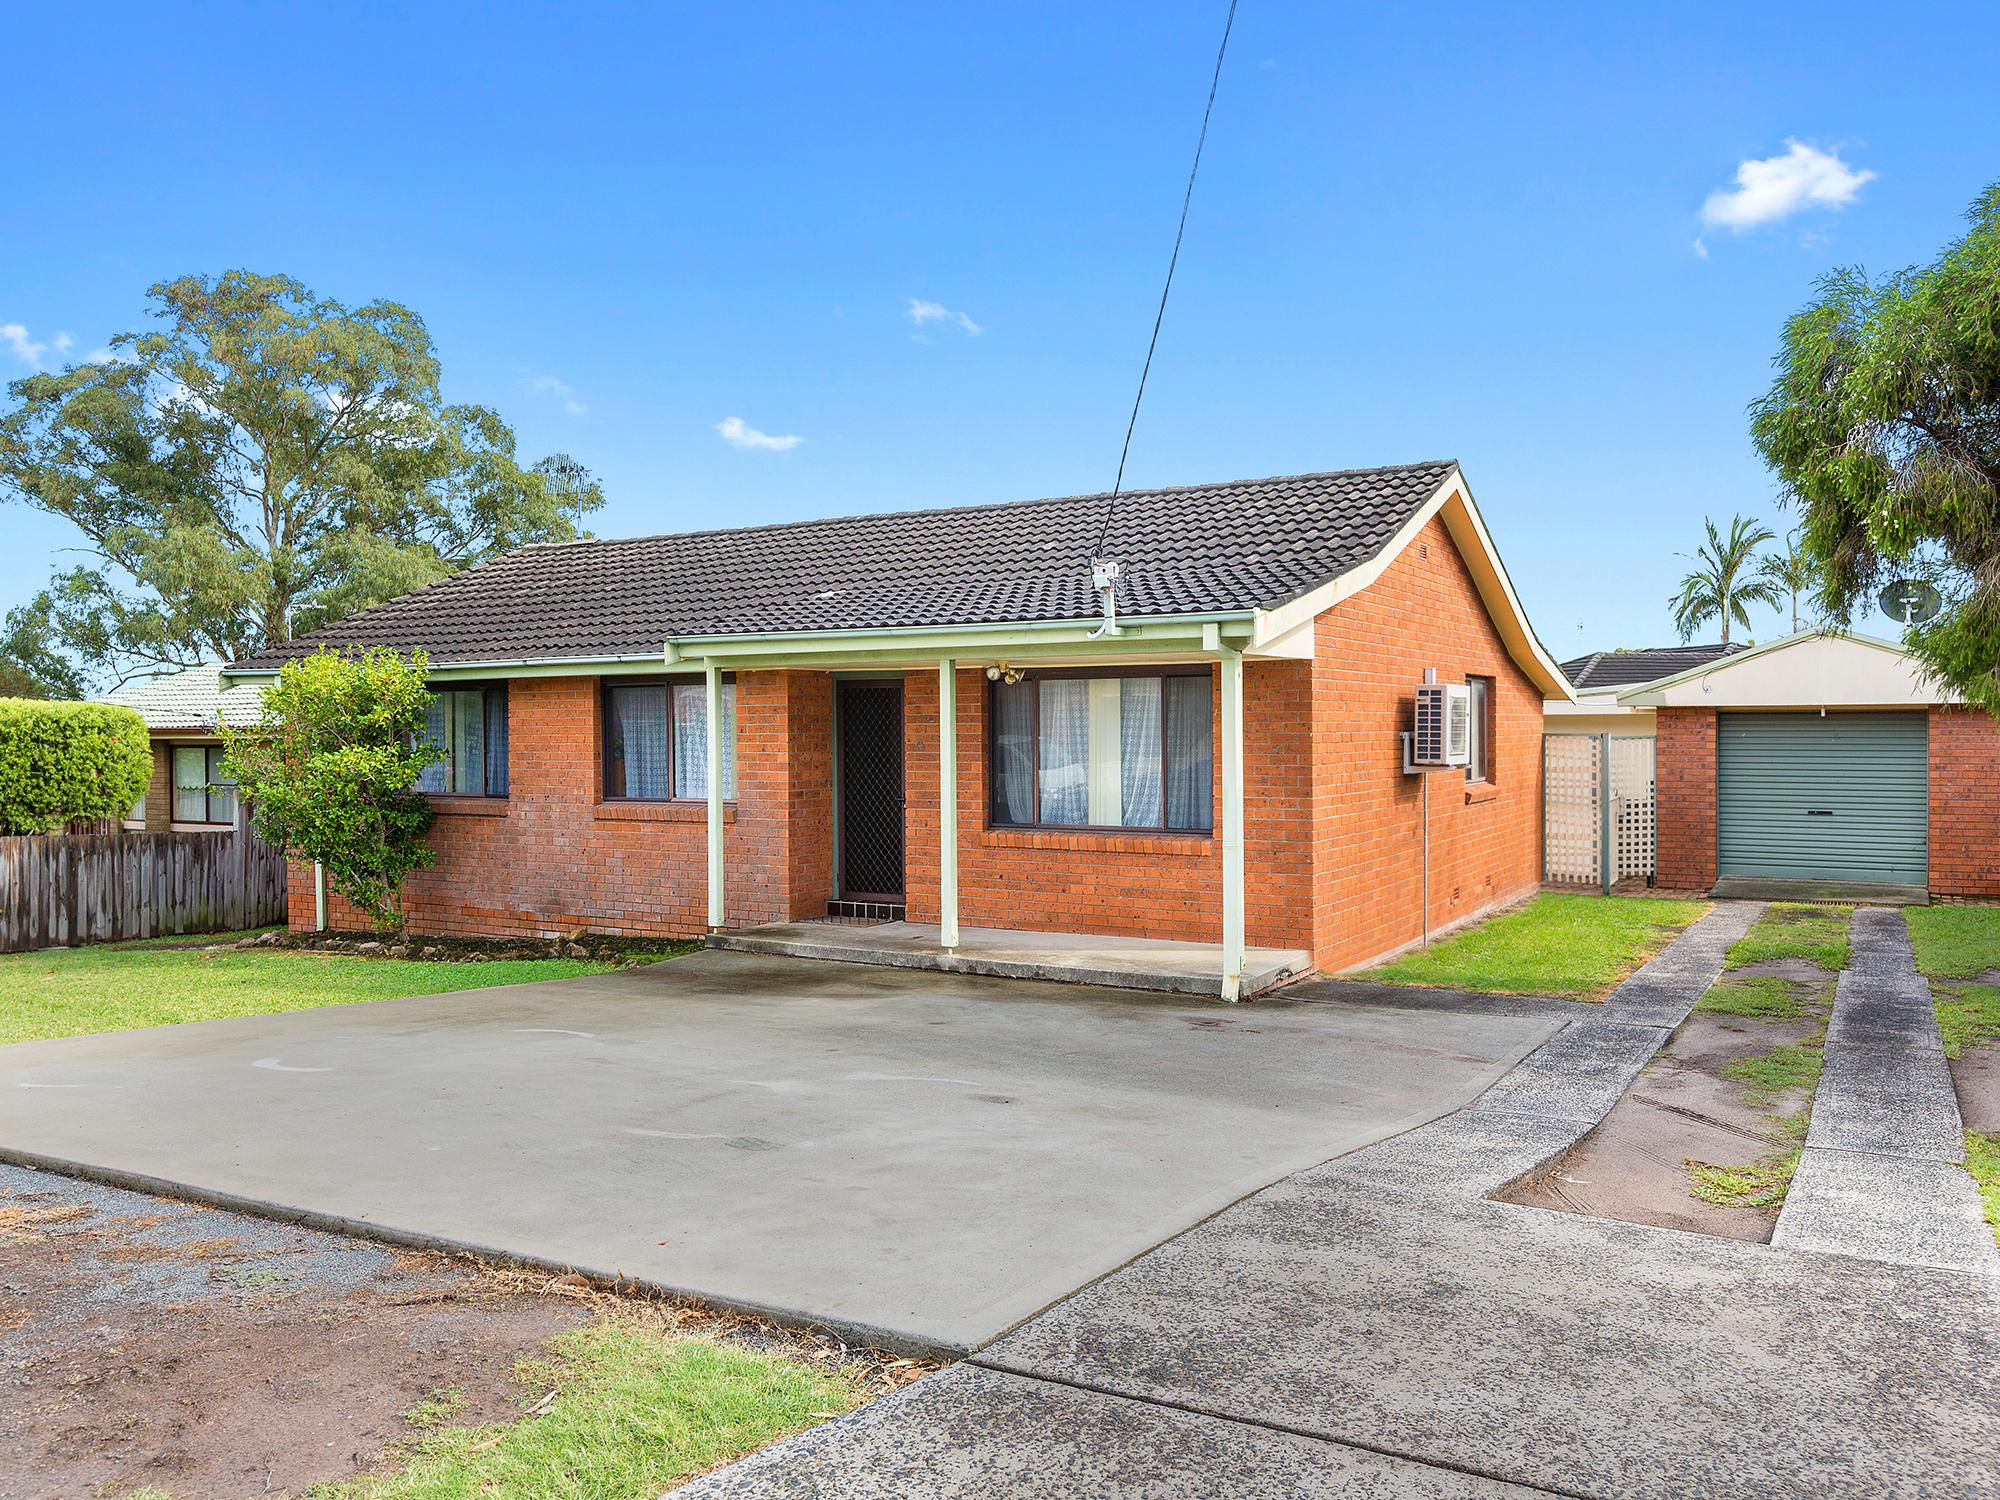 4 Esther Close, GOROKAN, NSW, 2263 - Image